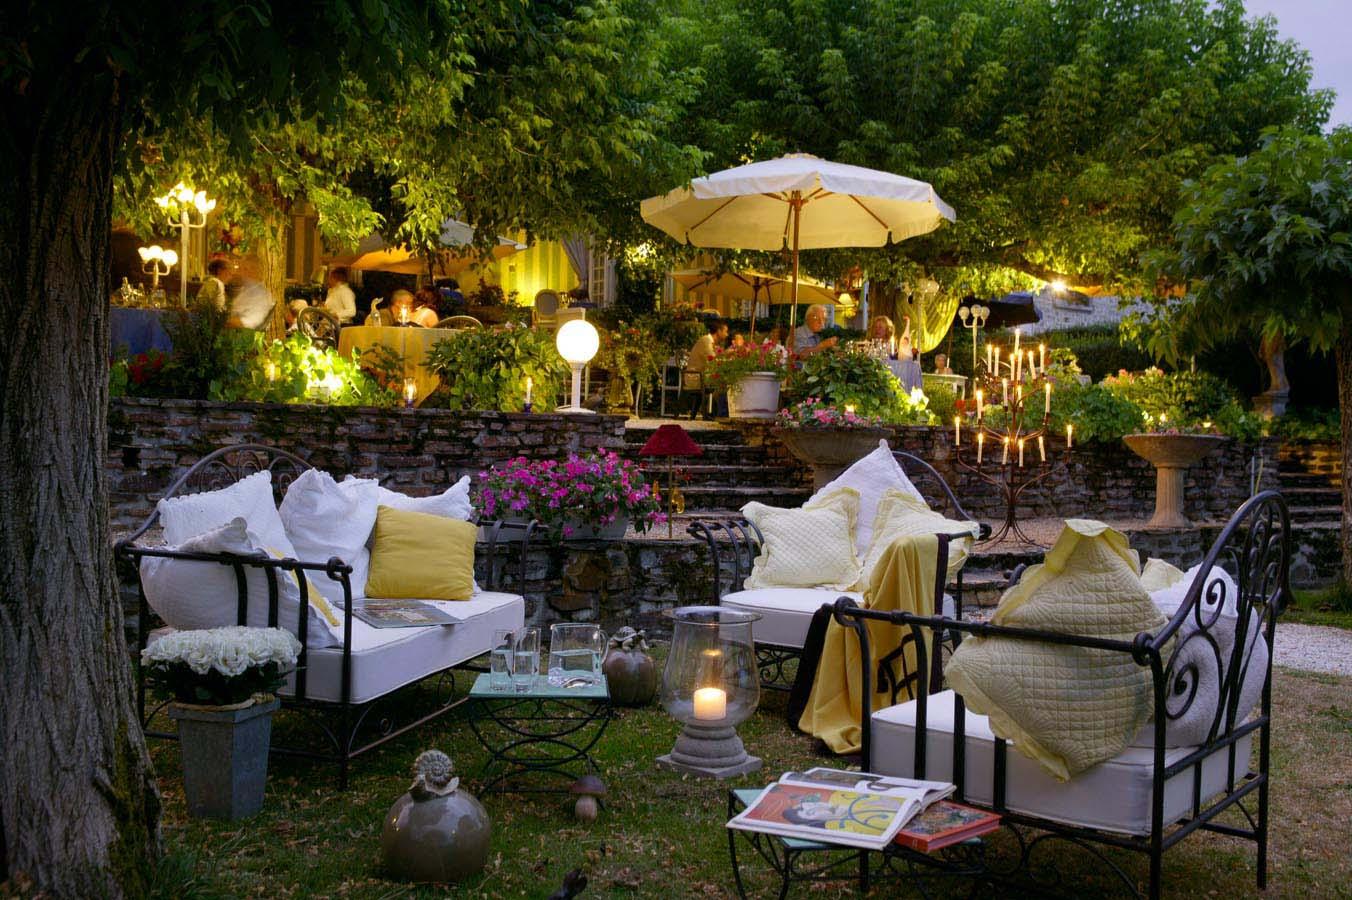 Le jardin hostellerie saint jacques for Restaurant le jardin 02